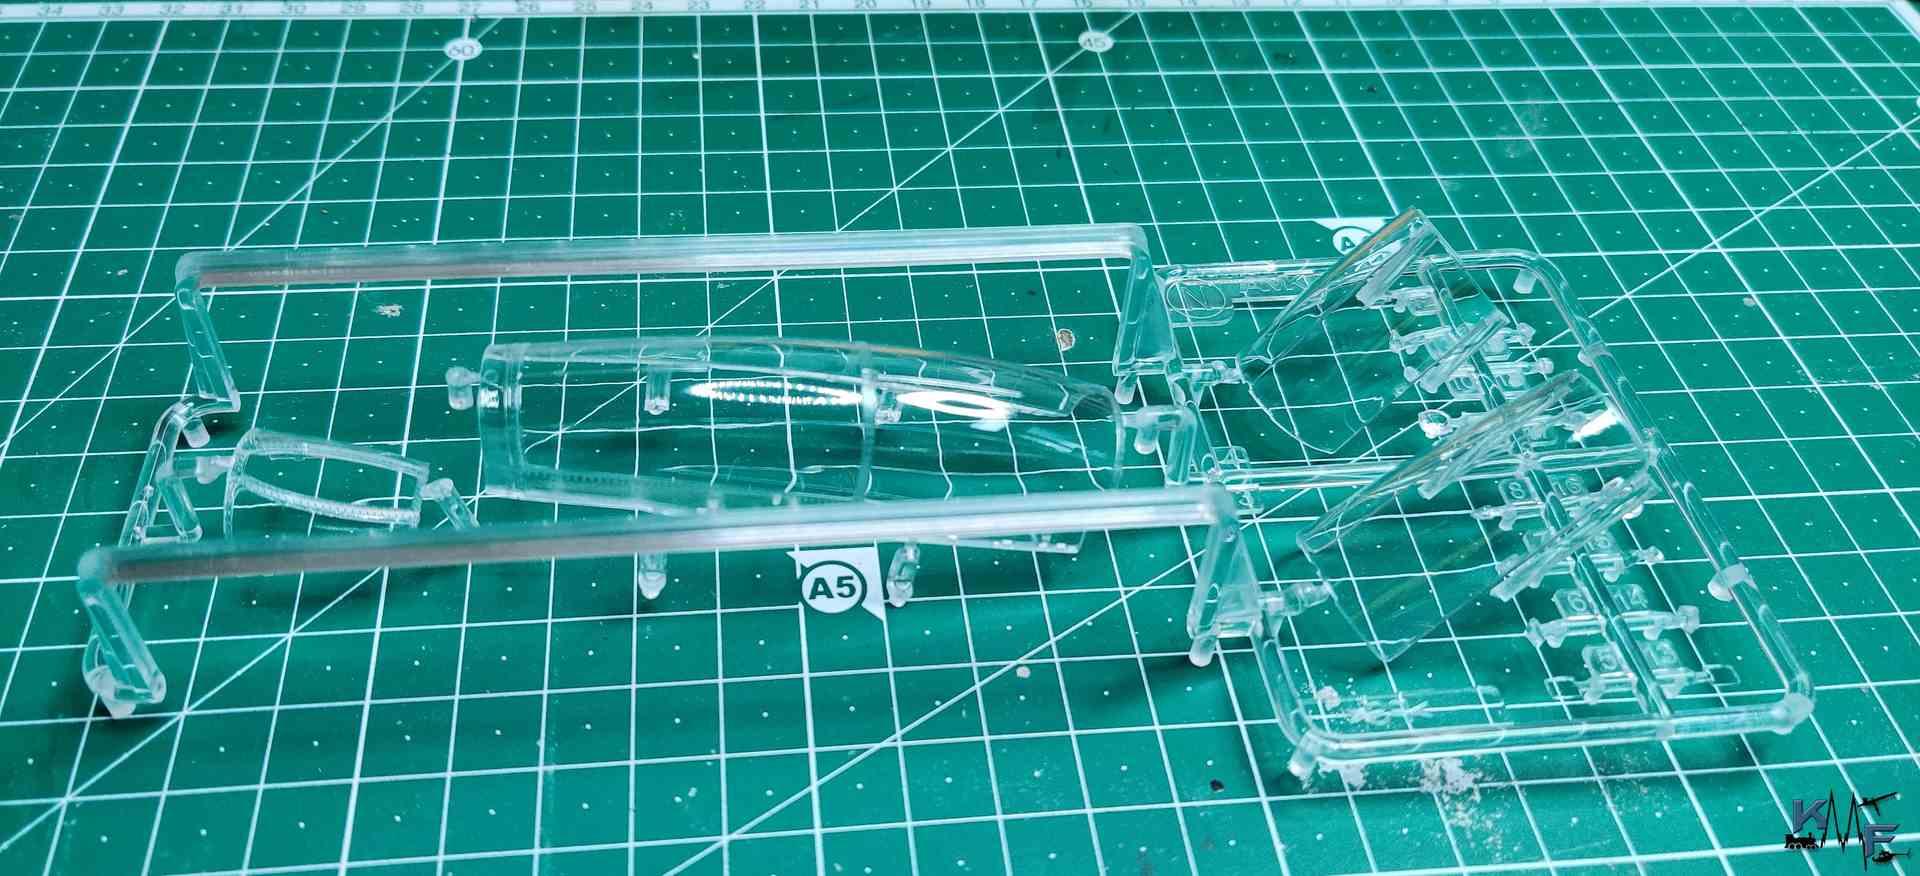 BV-AMK-F-14D_063.jpg